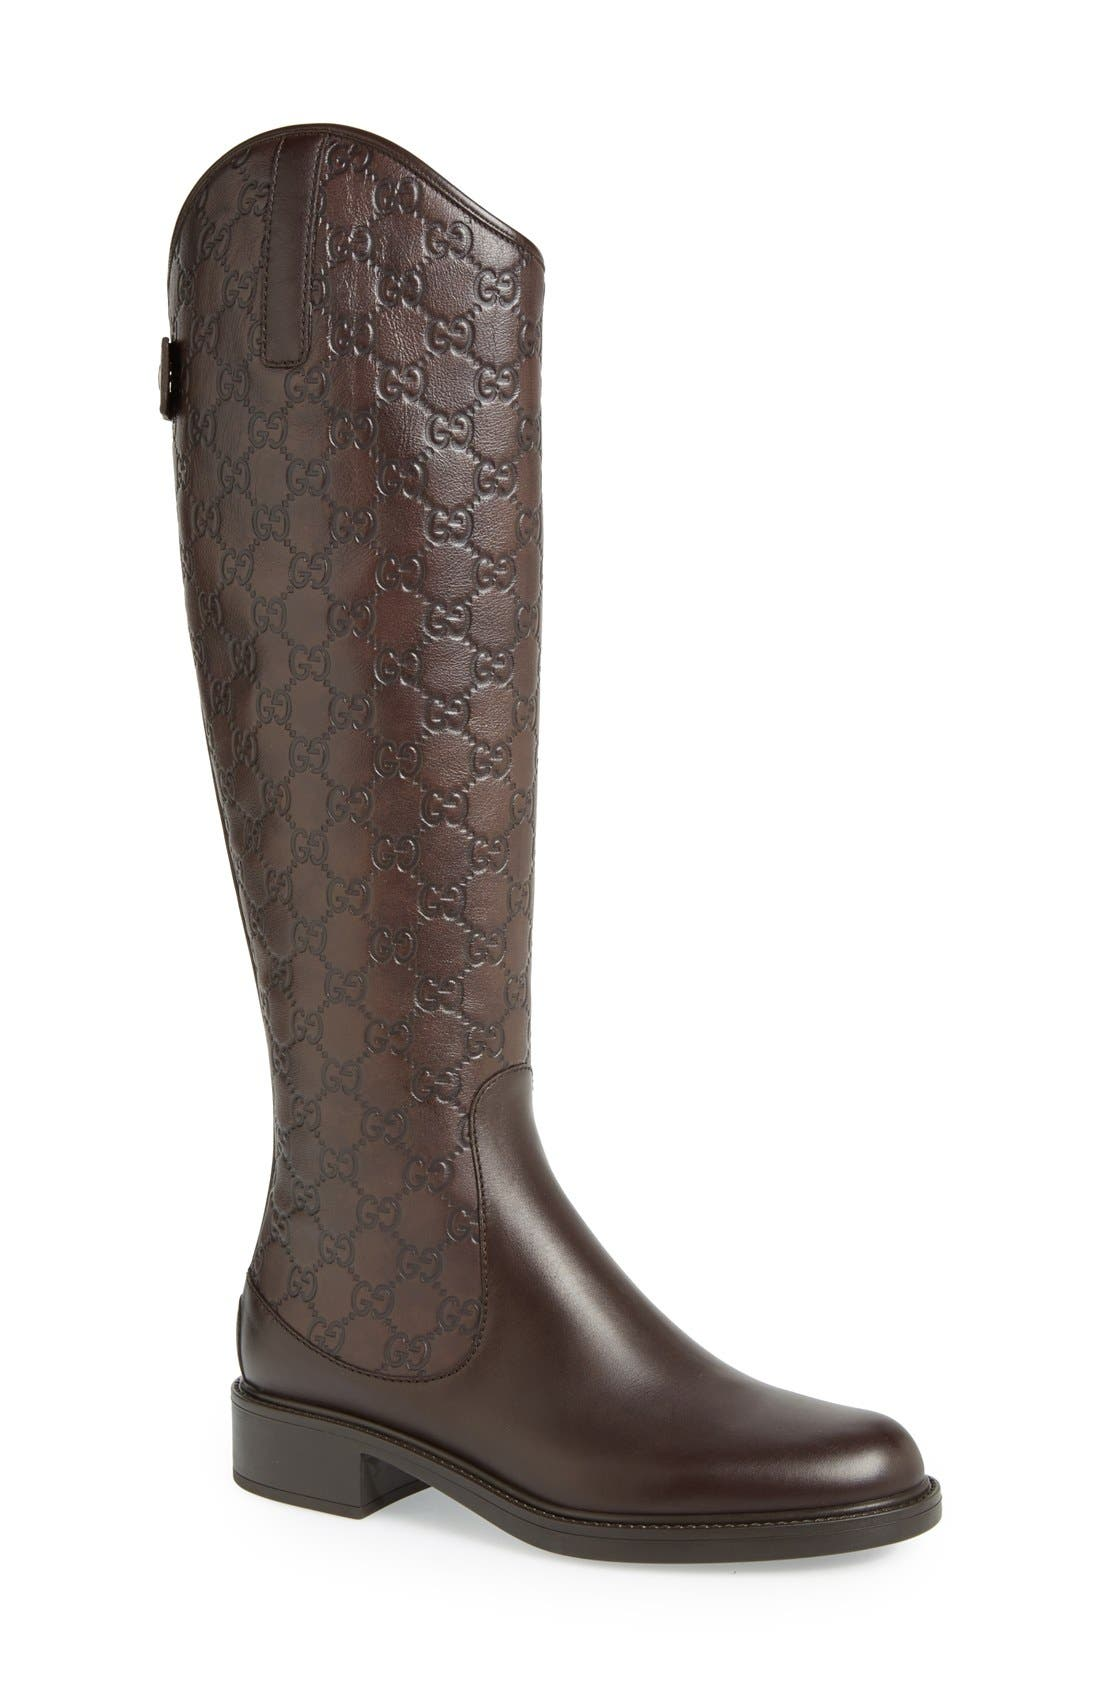 GUCCI 'Maud' Boot, Main, color, 200